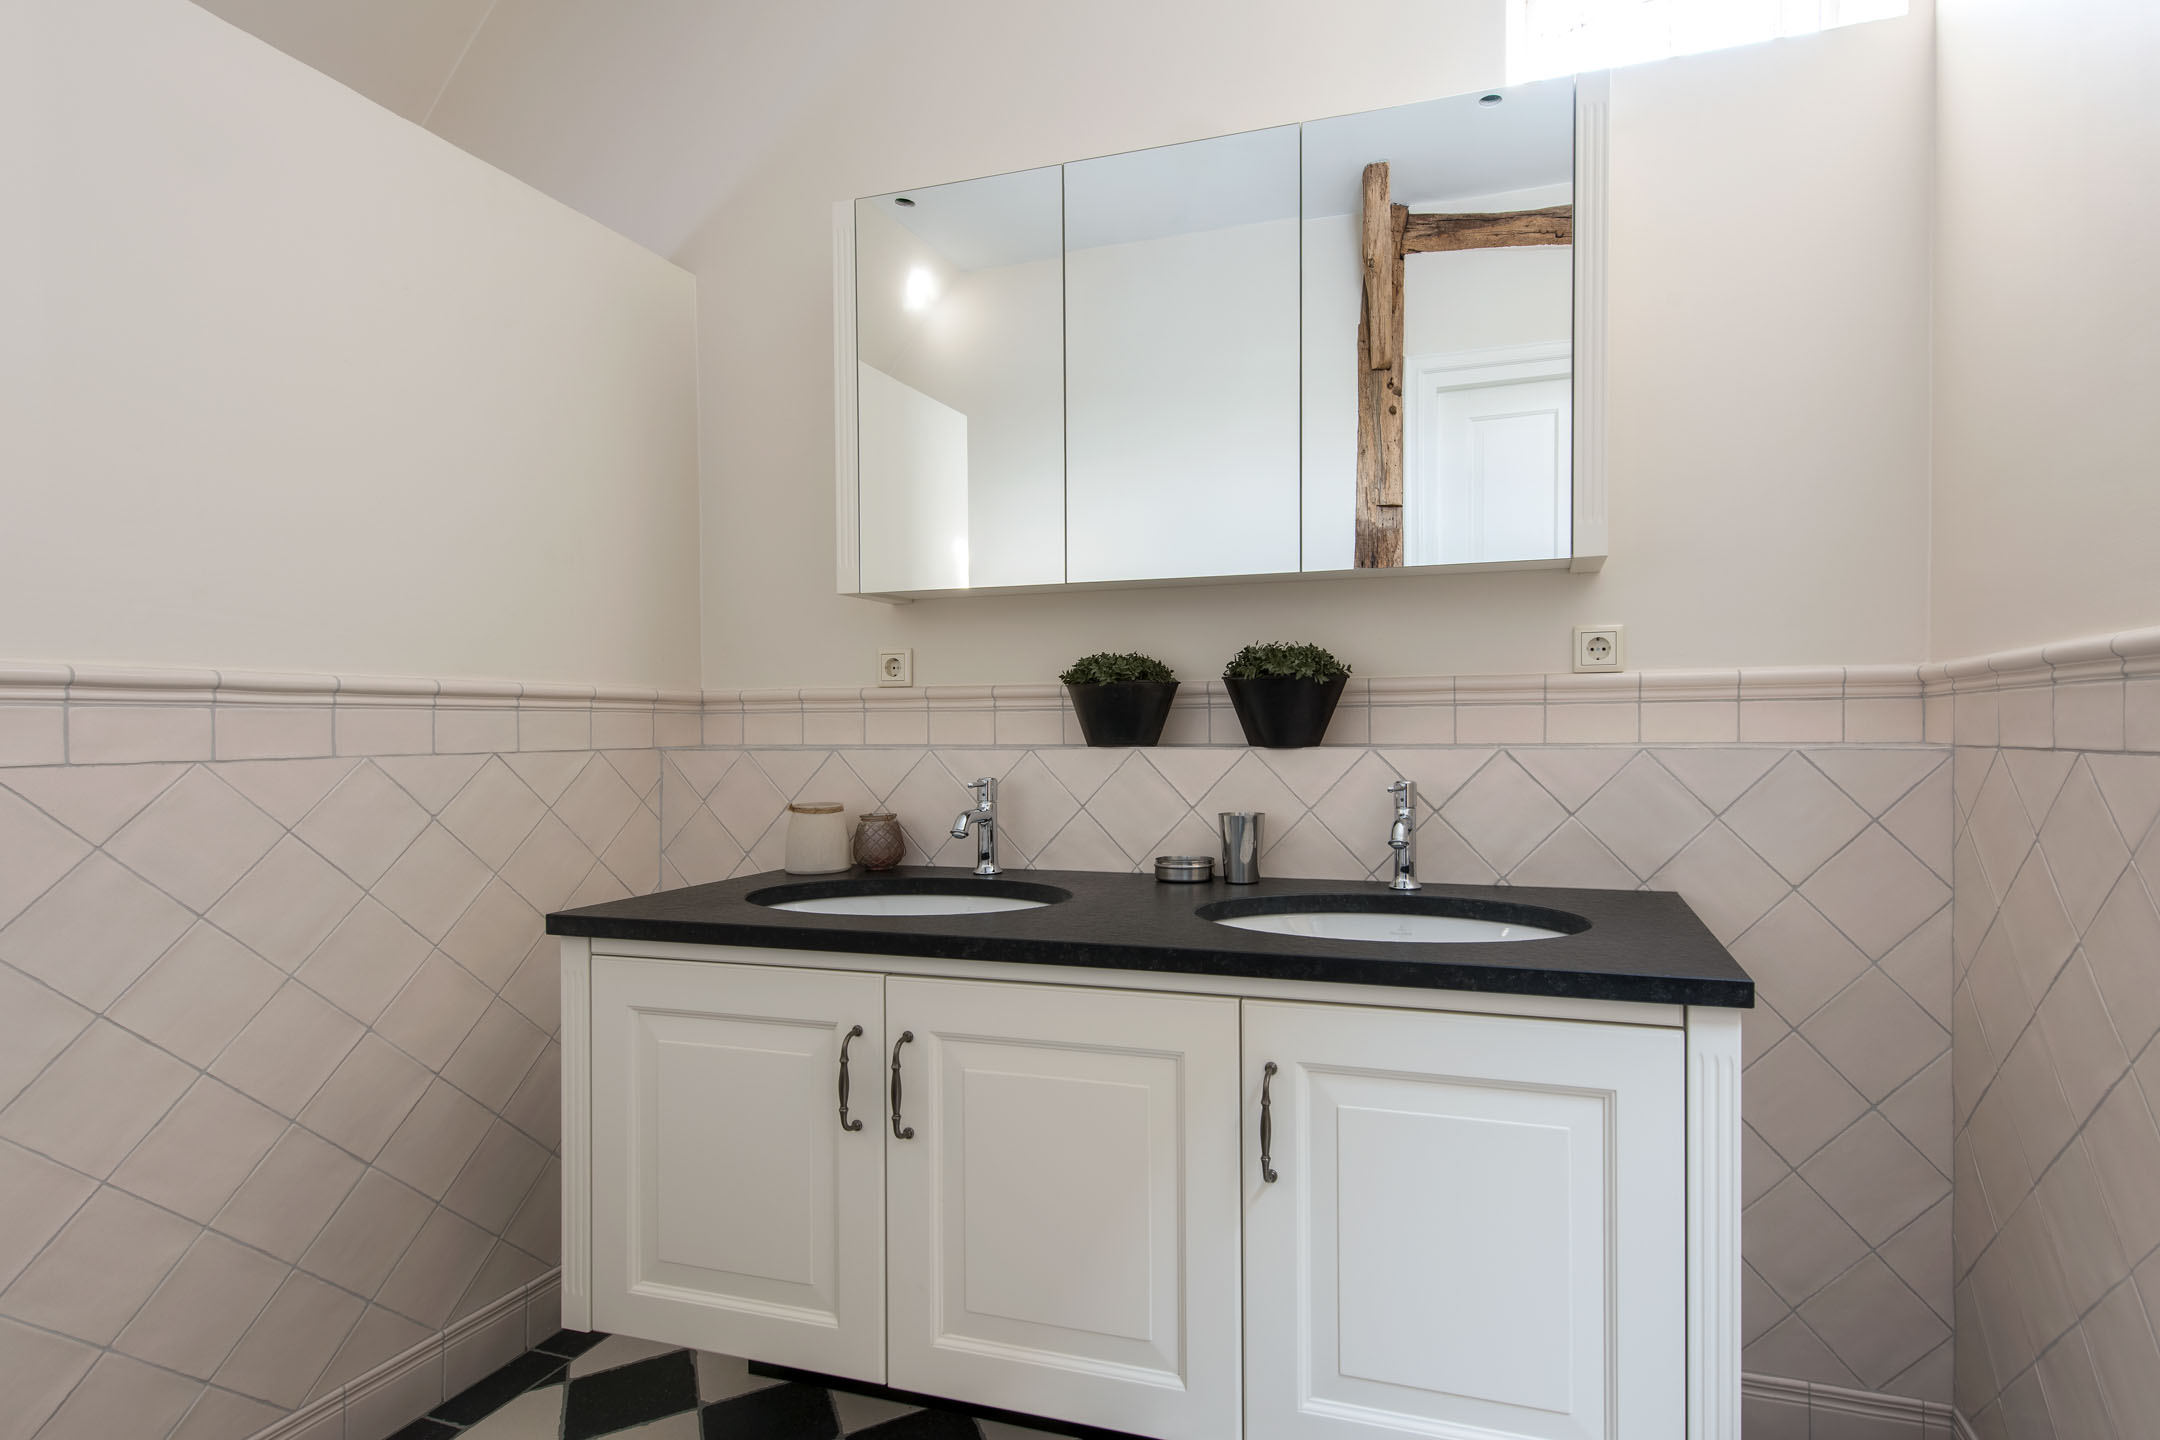 Badkamer Beton Interieur : Mannen badkamers mannelijk badkamer interieur wonen stoer beton